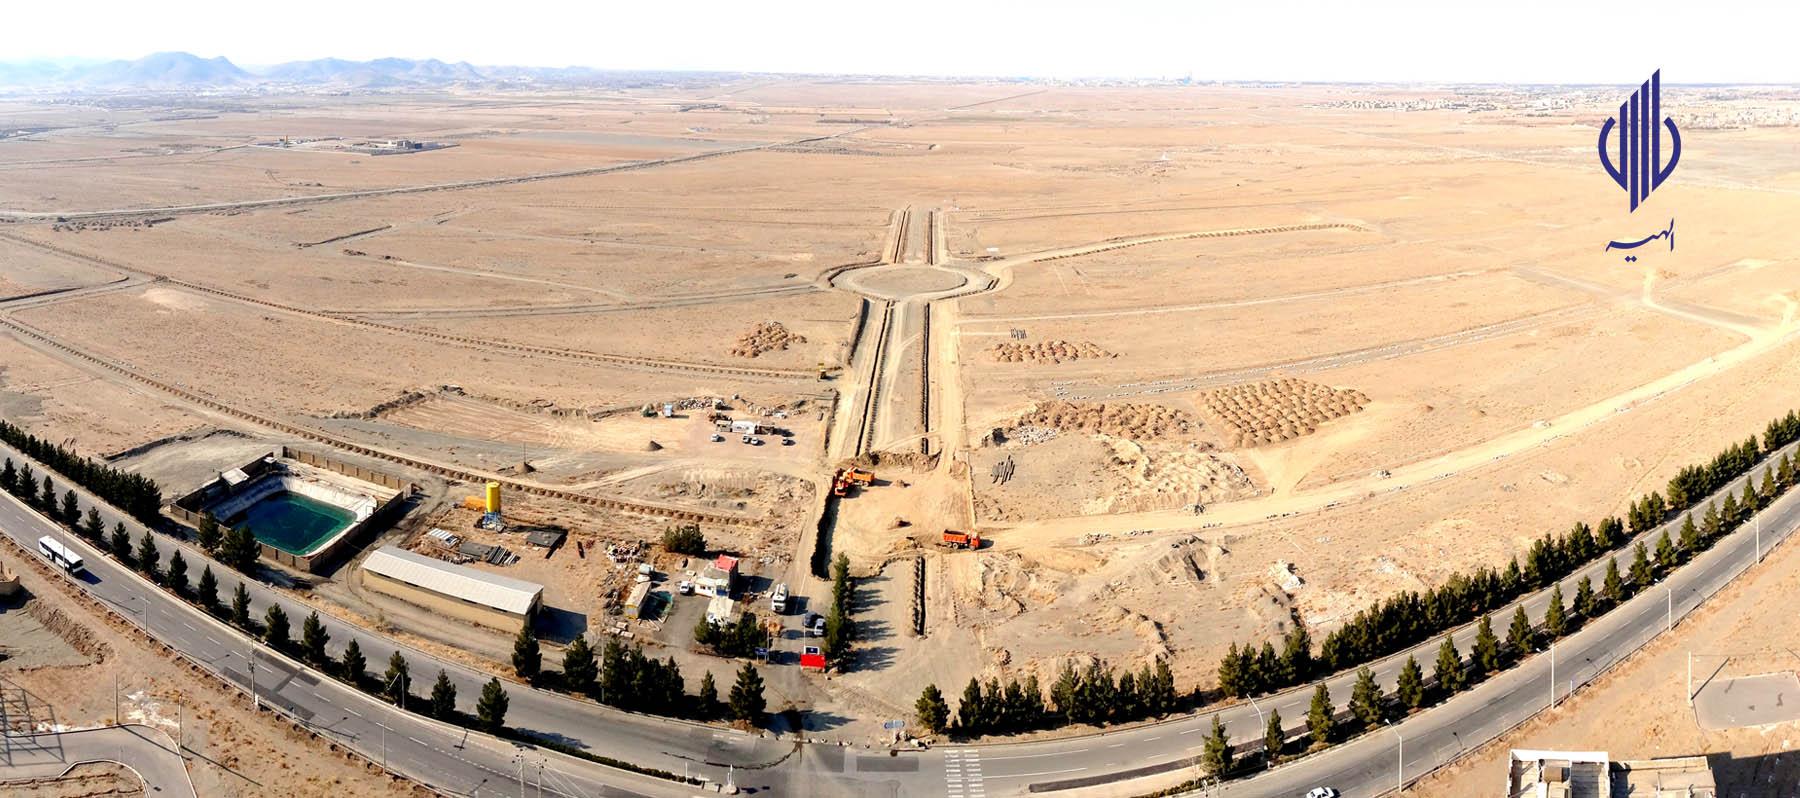 عملیات آماده سازی پروژه شهر سبز الهیه – امروز ۱۳۹۶/۱۱/۱۲